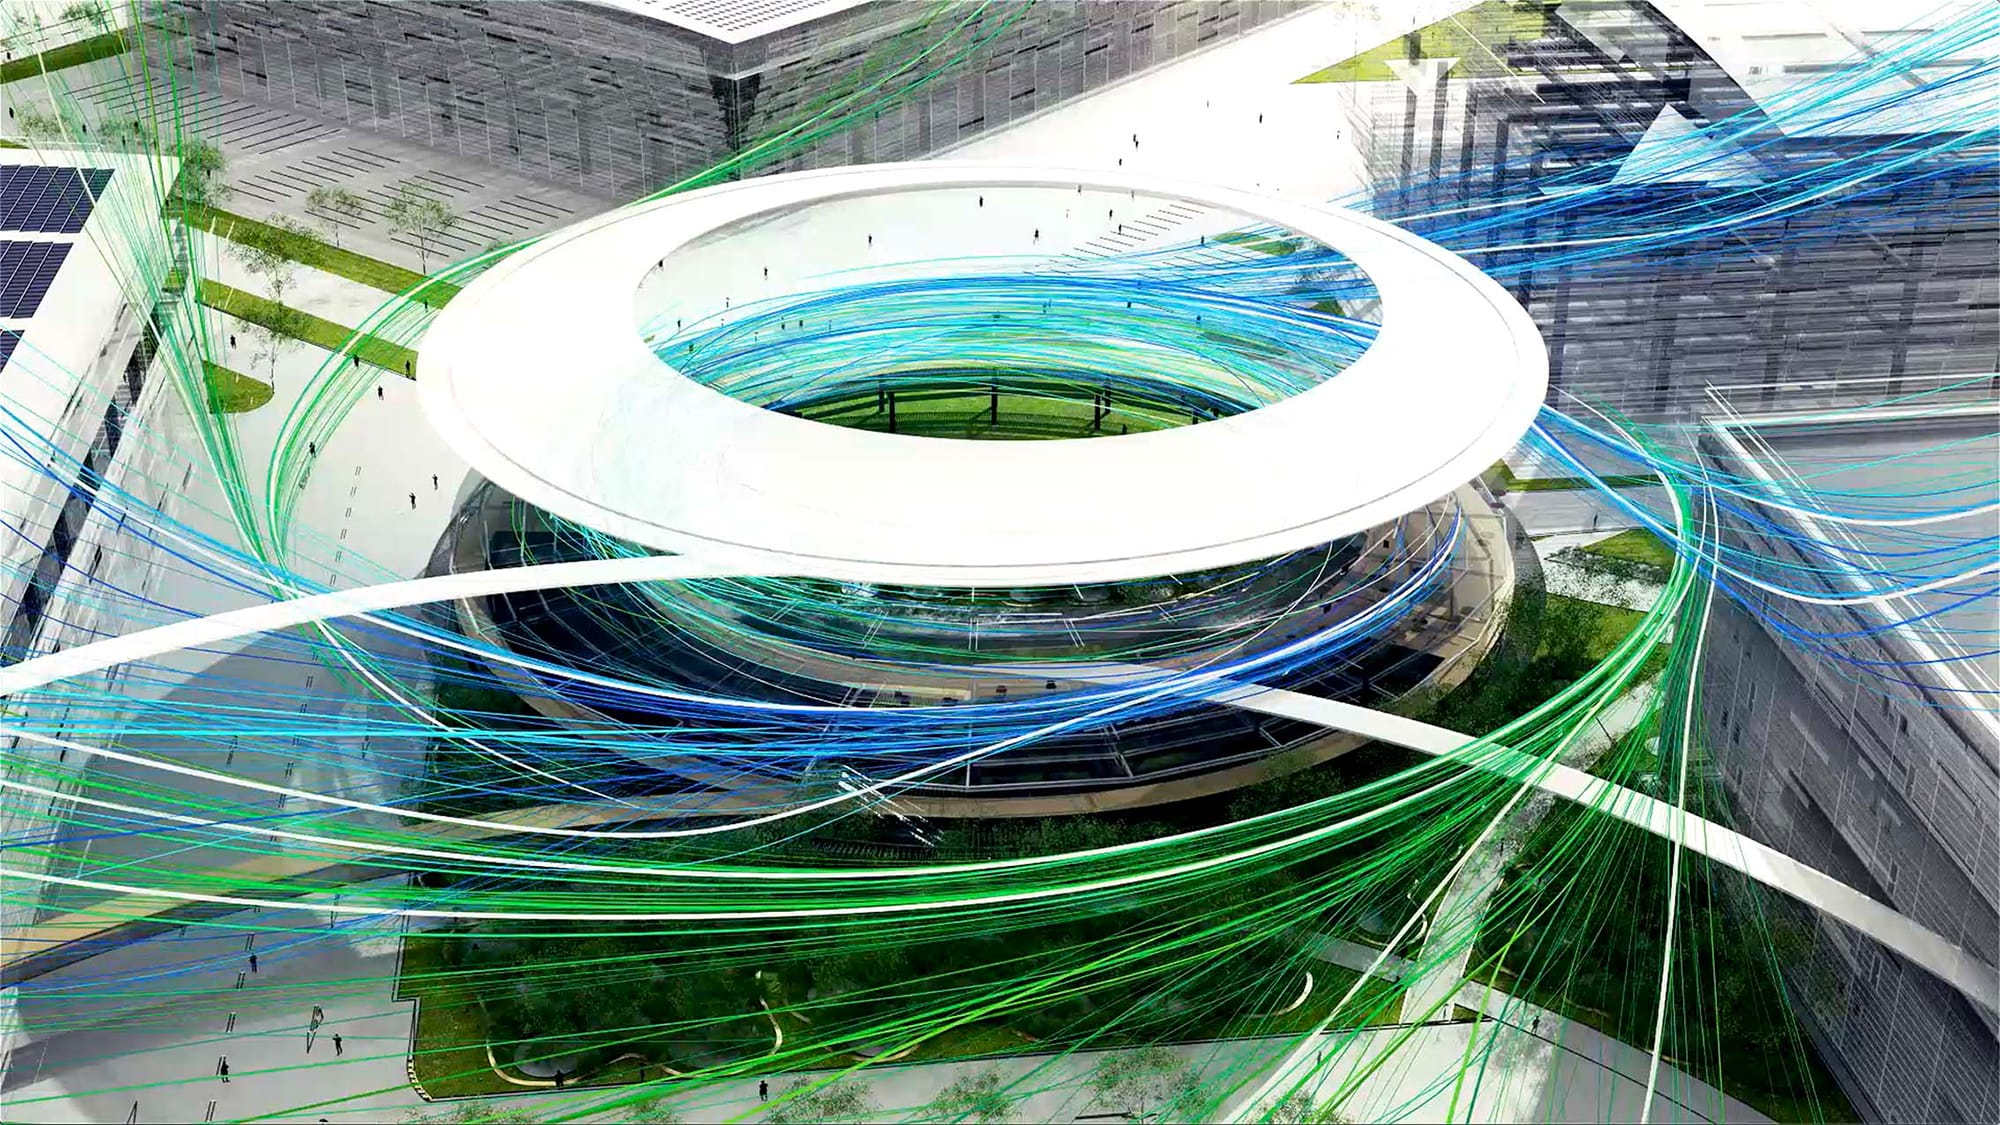 神奈川県相模原市に先進的な物流施設5棟を「GLP ALFALINK 相模原」として開発。ブランドコンセプト、ネーミング、ロゴデザインおよび建築・空間デザインディレクションを佐藤可士和が手掛けた。今までの物流施設の枠を超え、ビジネスの機会を創造するプロフィットセンターとなる。